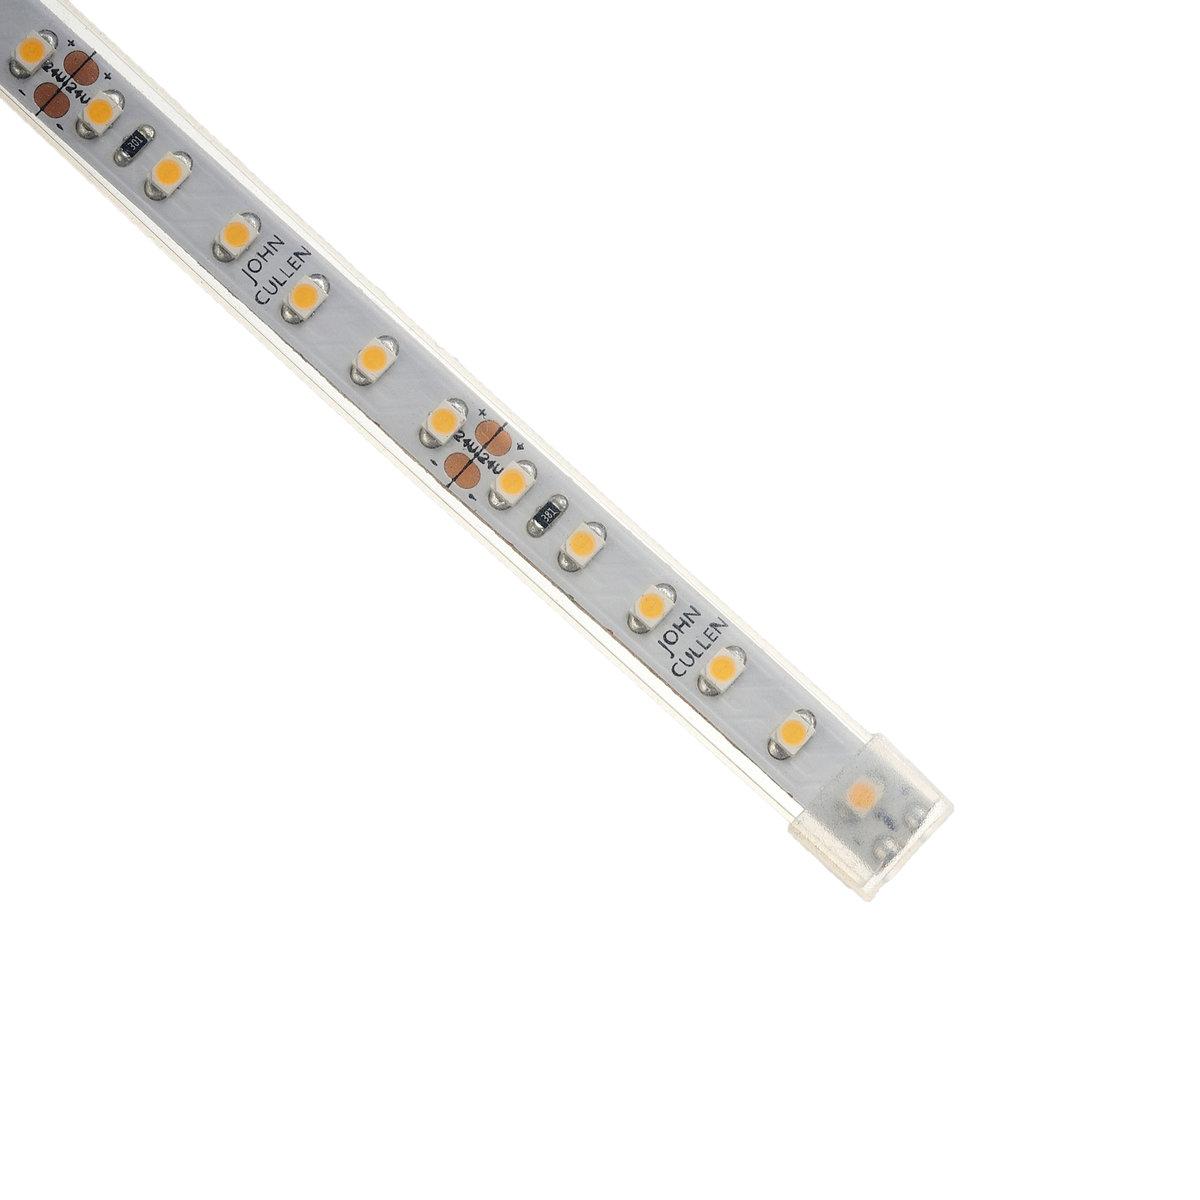 Contour HDX24 LED Strip main image